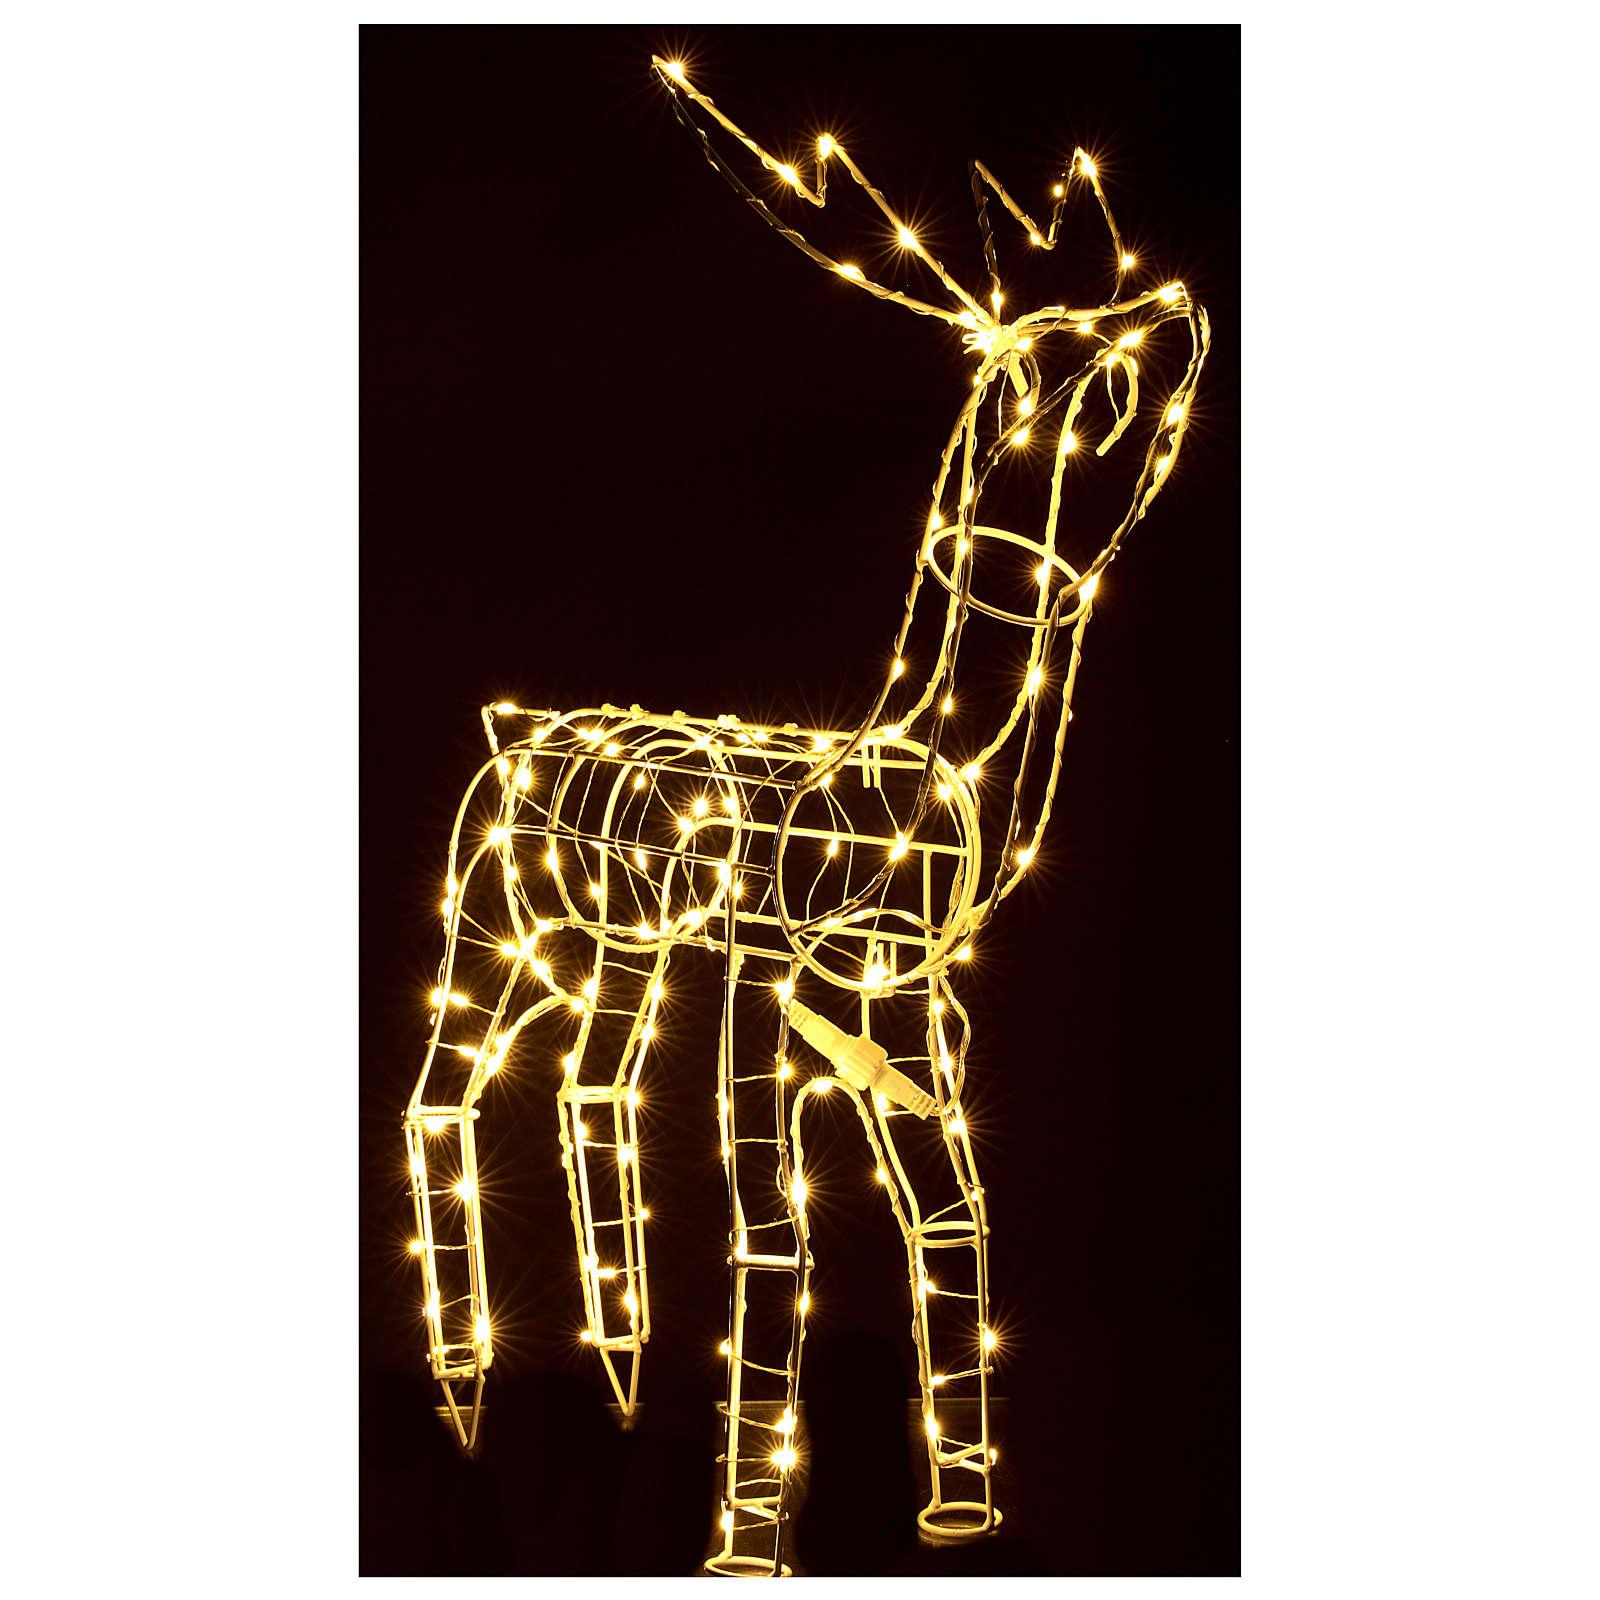 Luz de Natal Rena 62 cm branco quente corrente bateria interior 220V 3